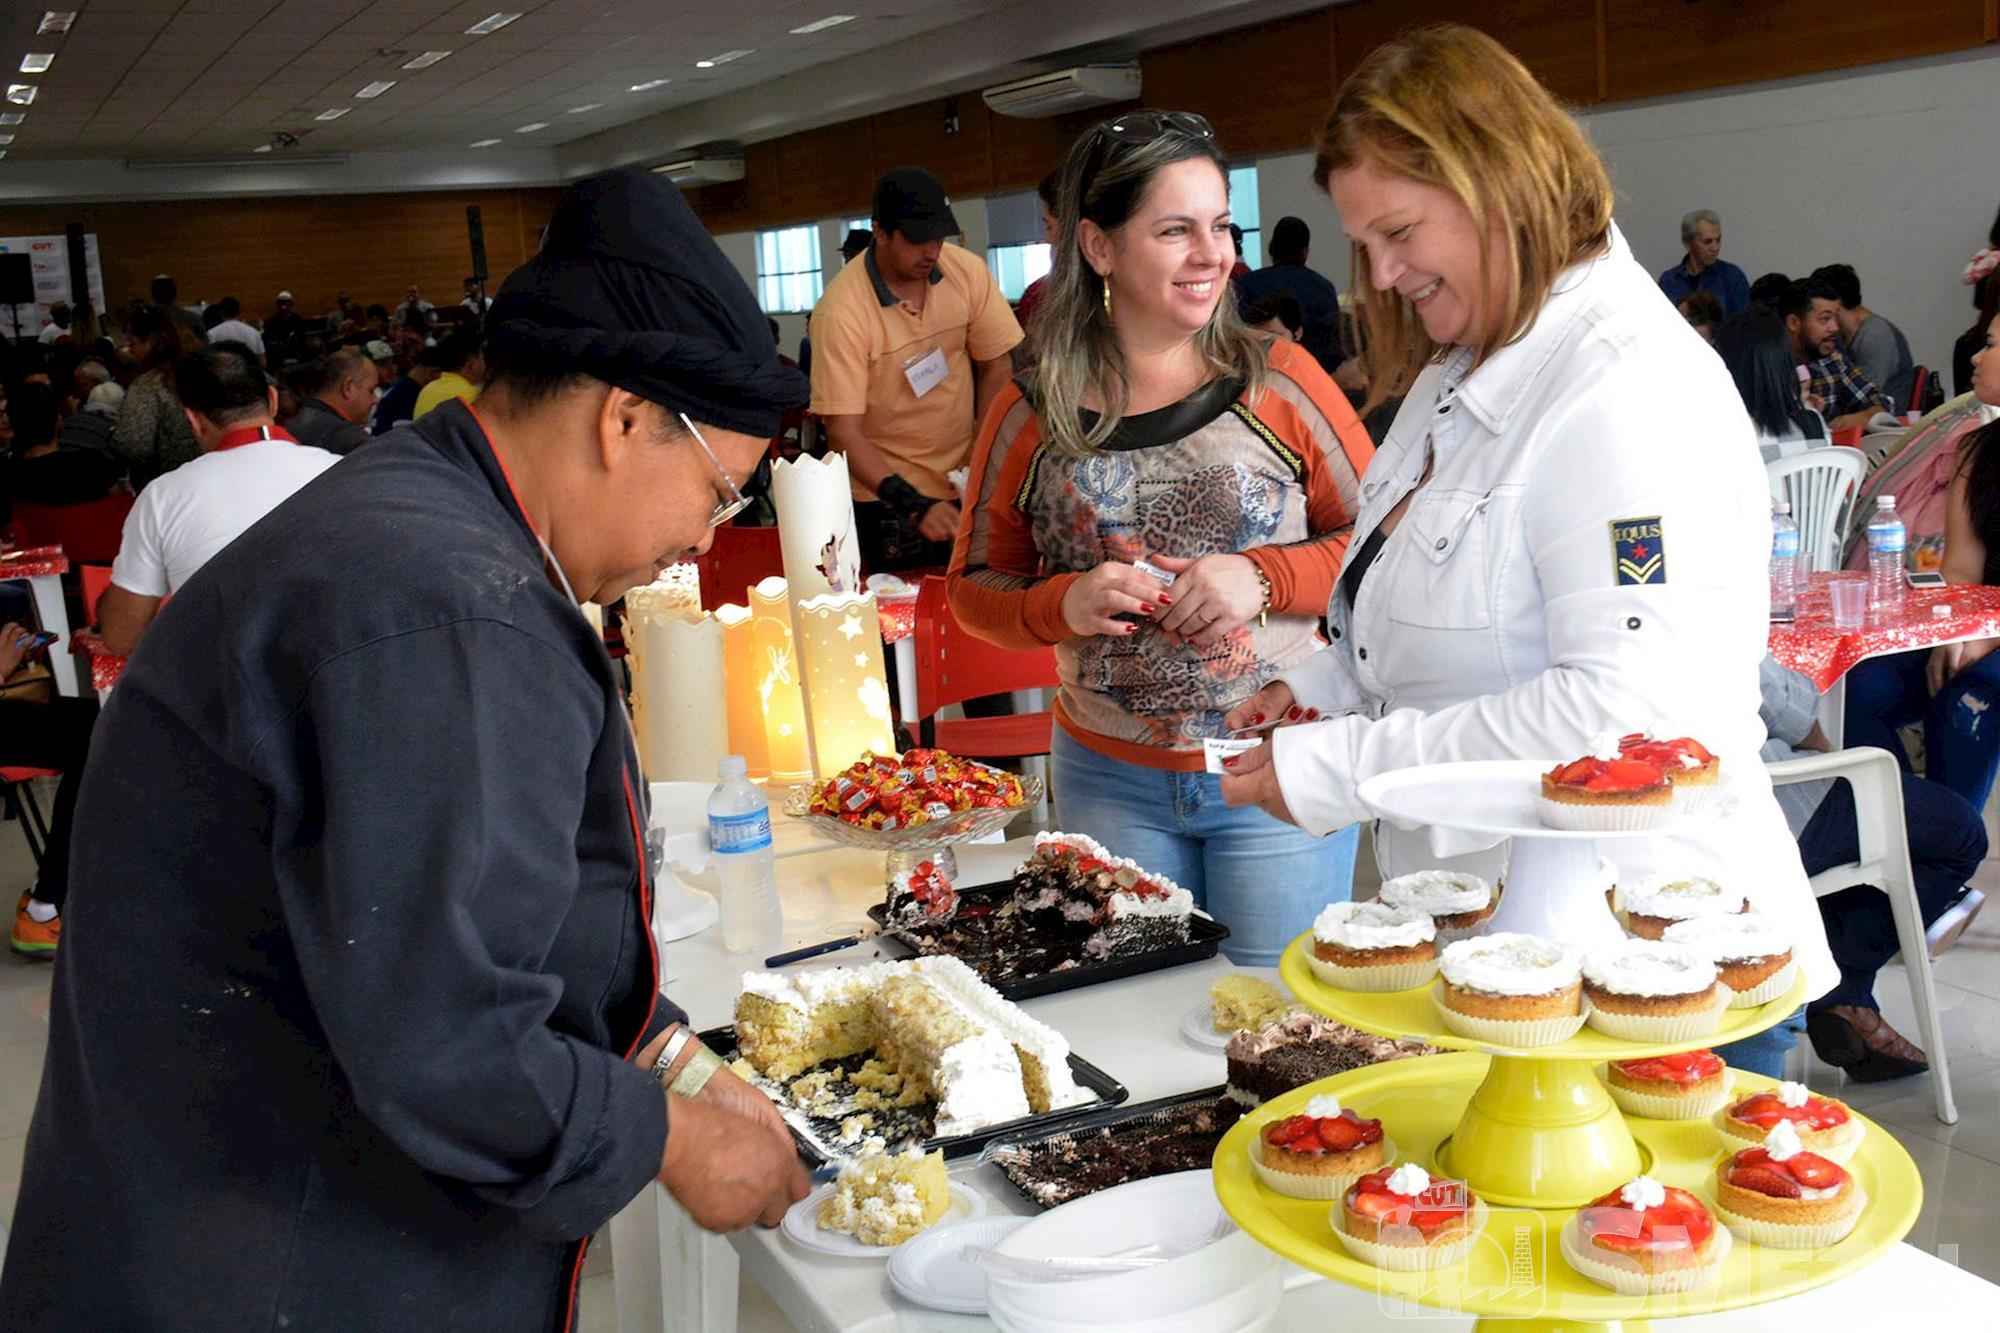 feijoada,  banco,  alimentos,  beneficente, Foguinho/Imprensa SMetal, Confira as fotos da 2ª Feijoada Beneficente do Banco de Alimentos